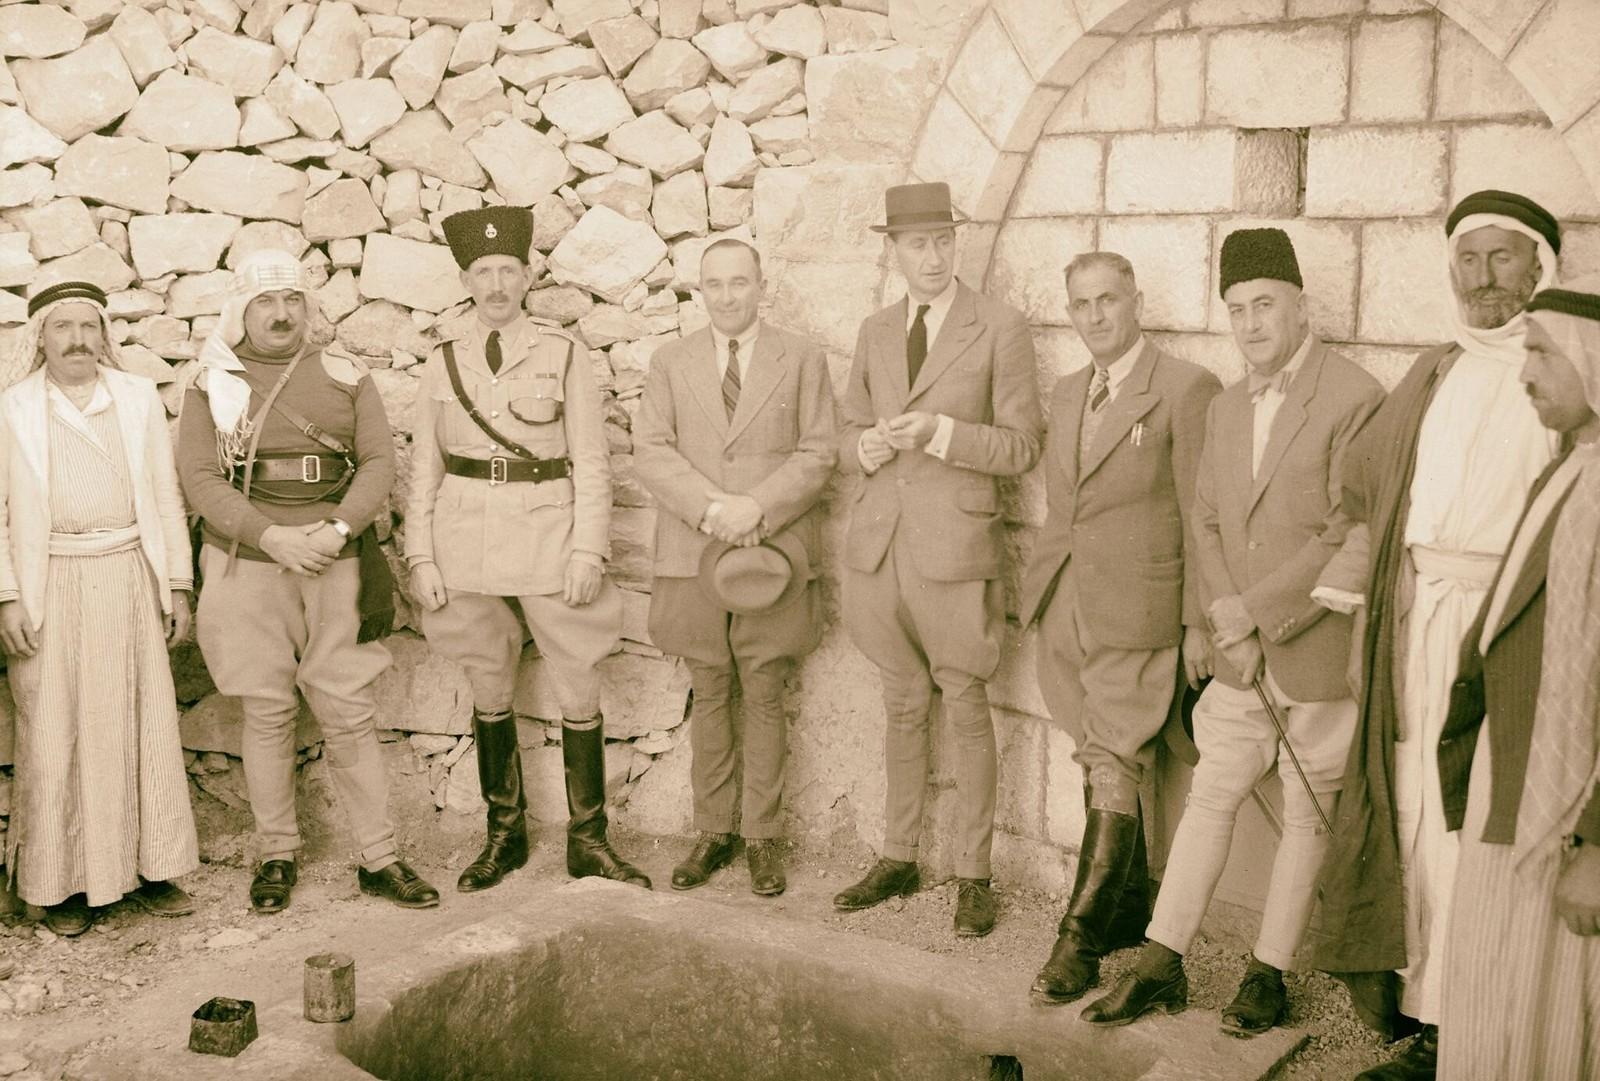 13. Открытие дополнительного источника воды в Айн-Хамде на юго-востоке Вифлеема. Слева направо, Фиас Бей эд Дризи, г-н Кайлес, г-н Соммервилл, г-н МакГиг, инженер, и г-н Фарадж,